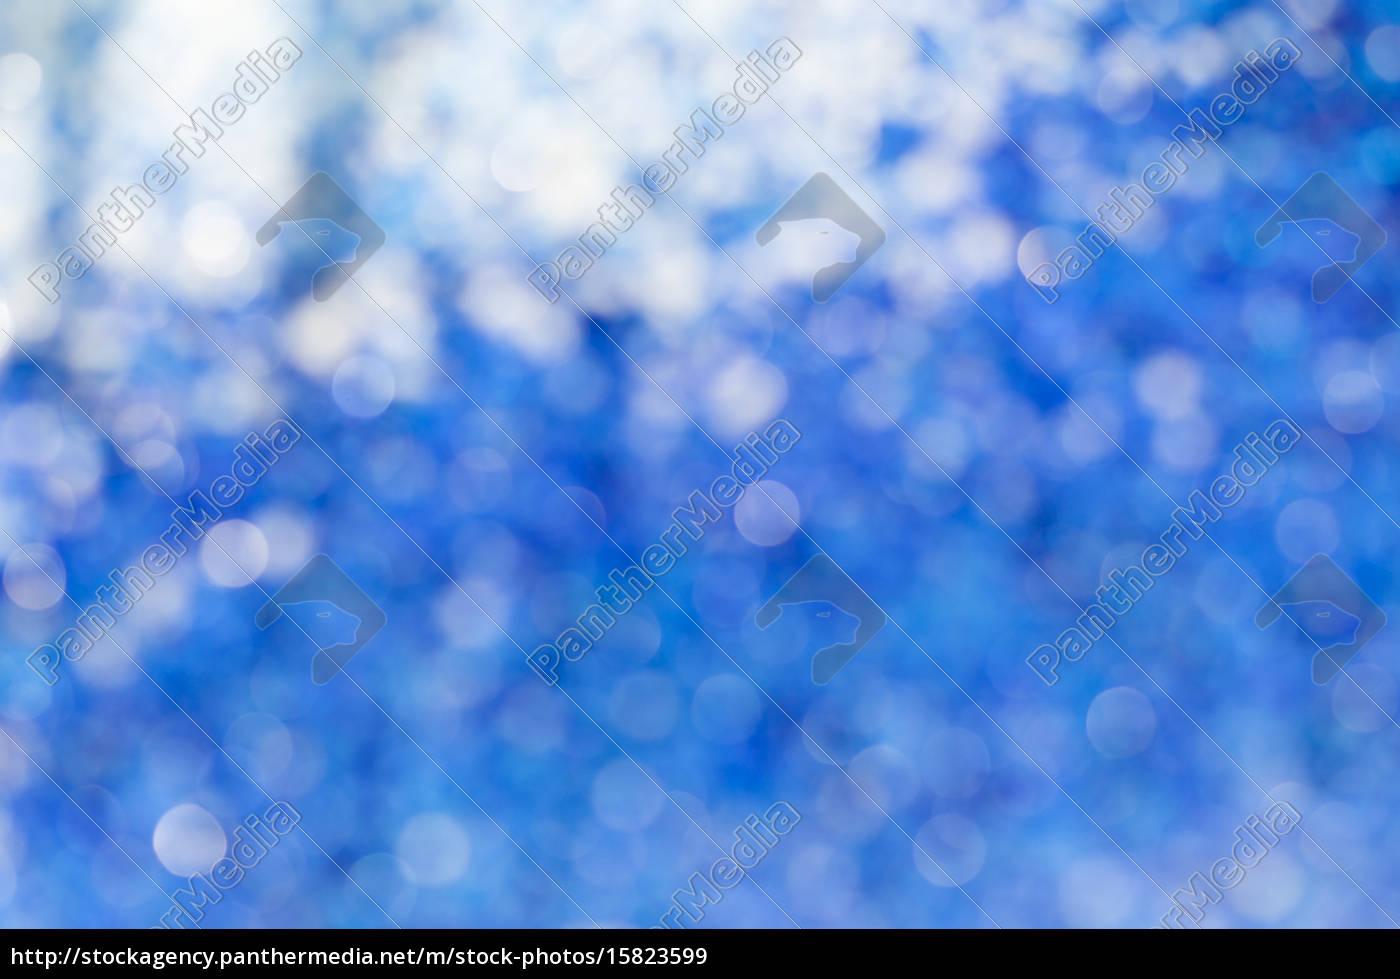 blauer, verschwommener, hintergrund - 15823599